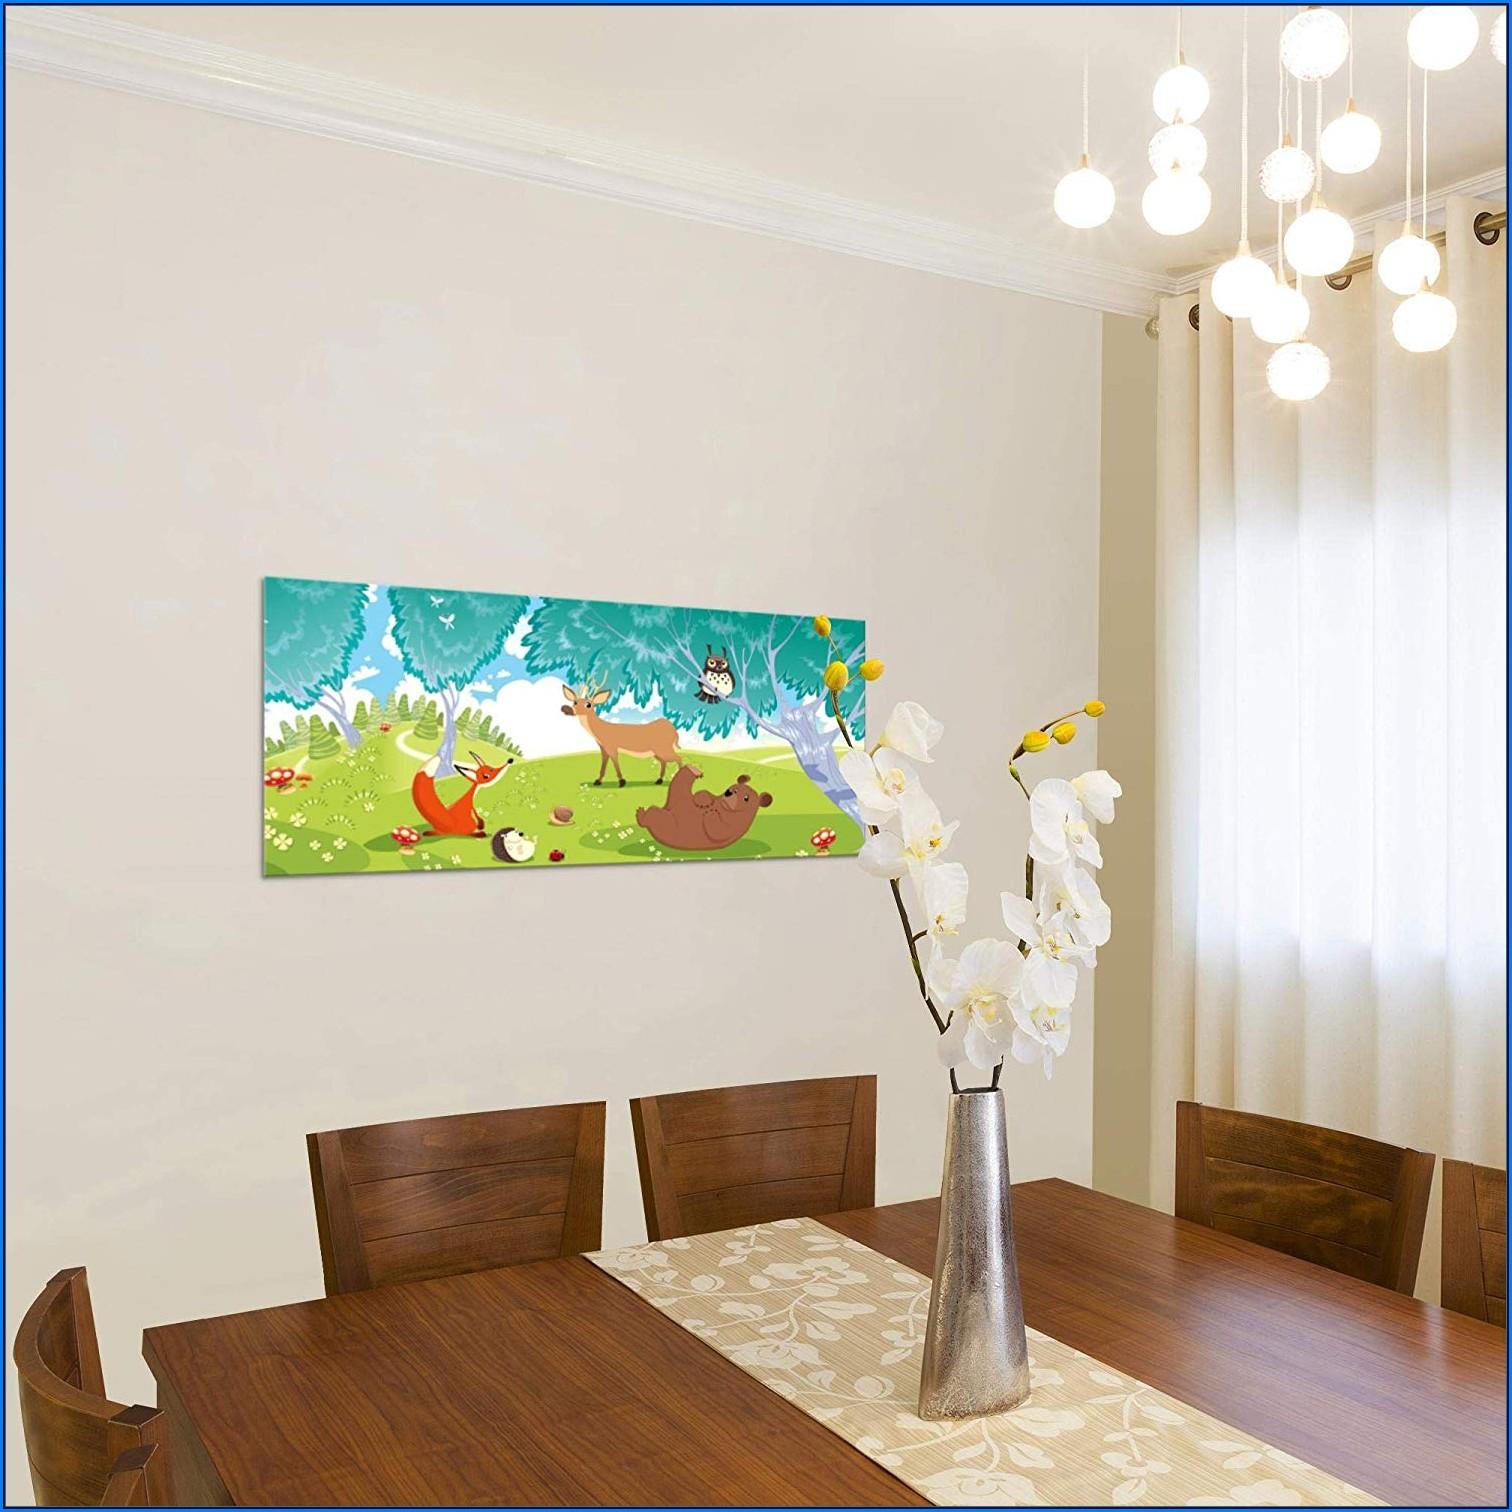 Kinderzimmer Bilder Leinwand Tiere